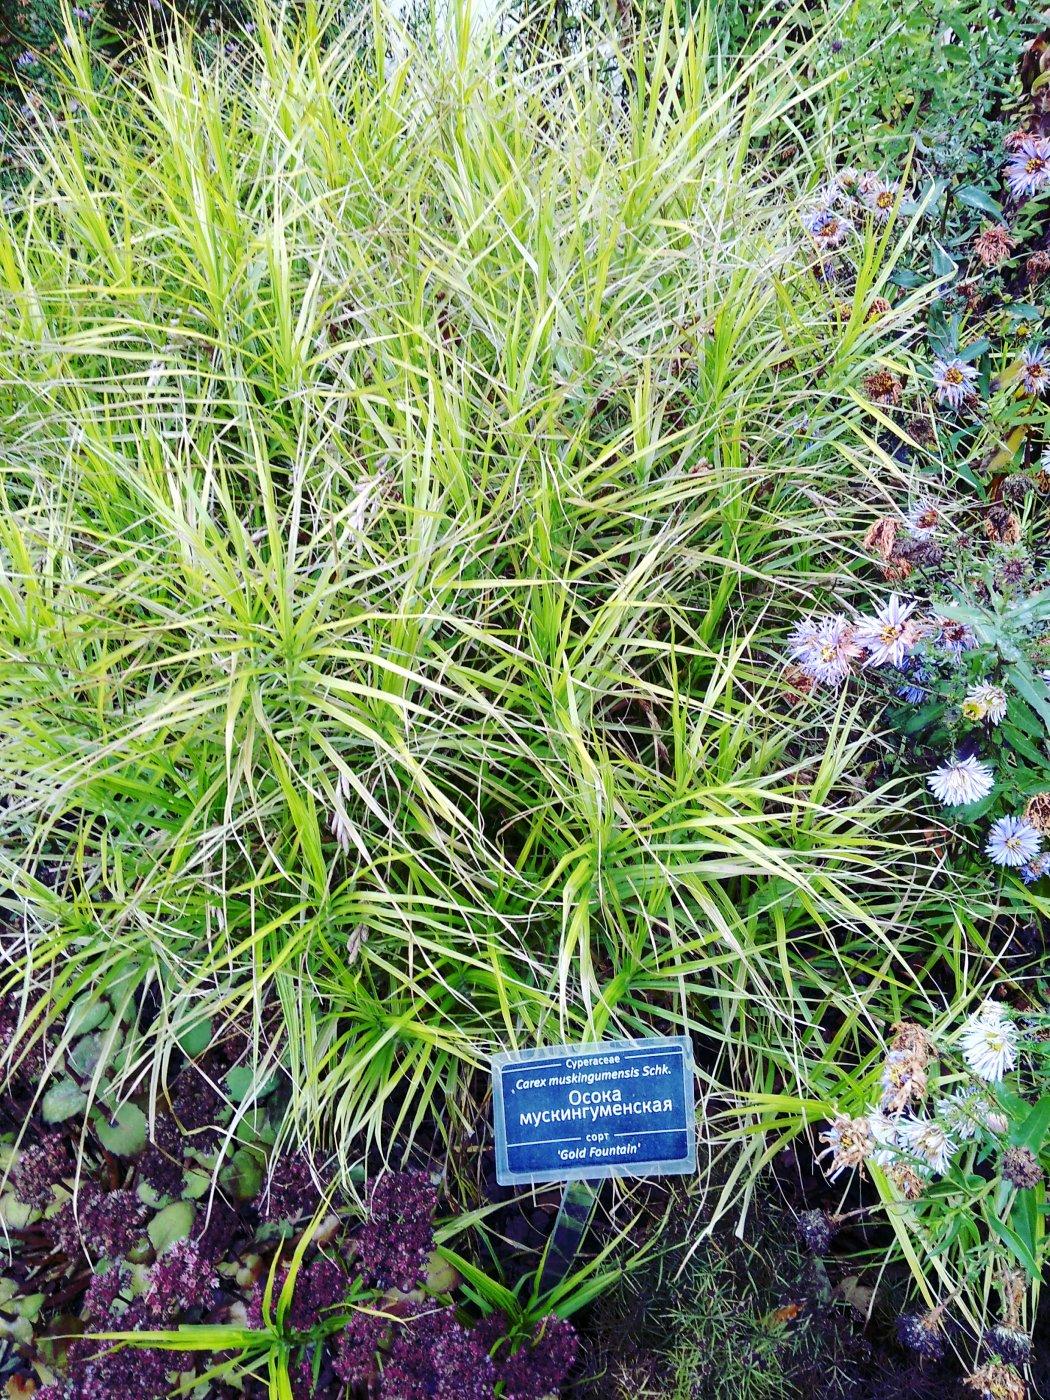 Carex muskingumensis  cv. Gold fountain